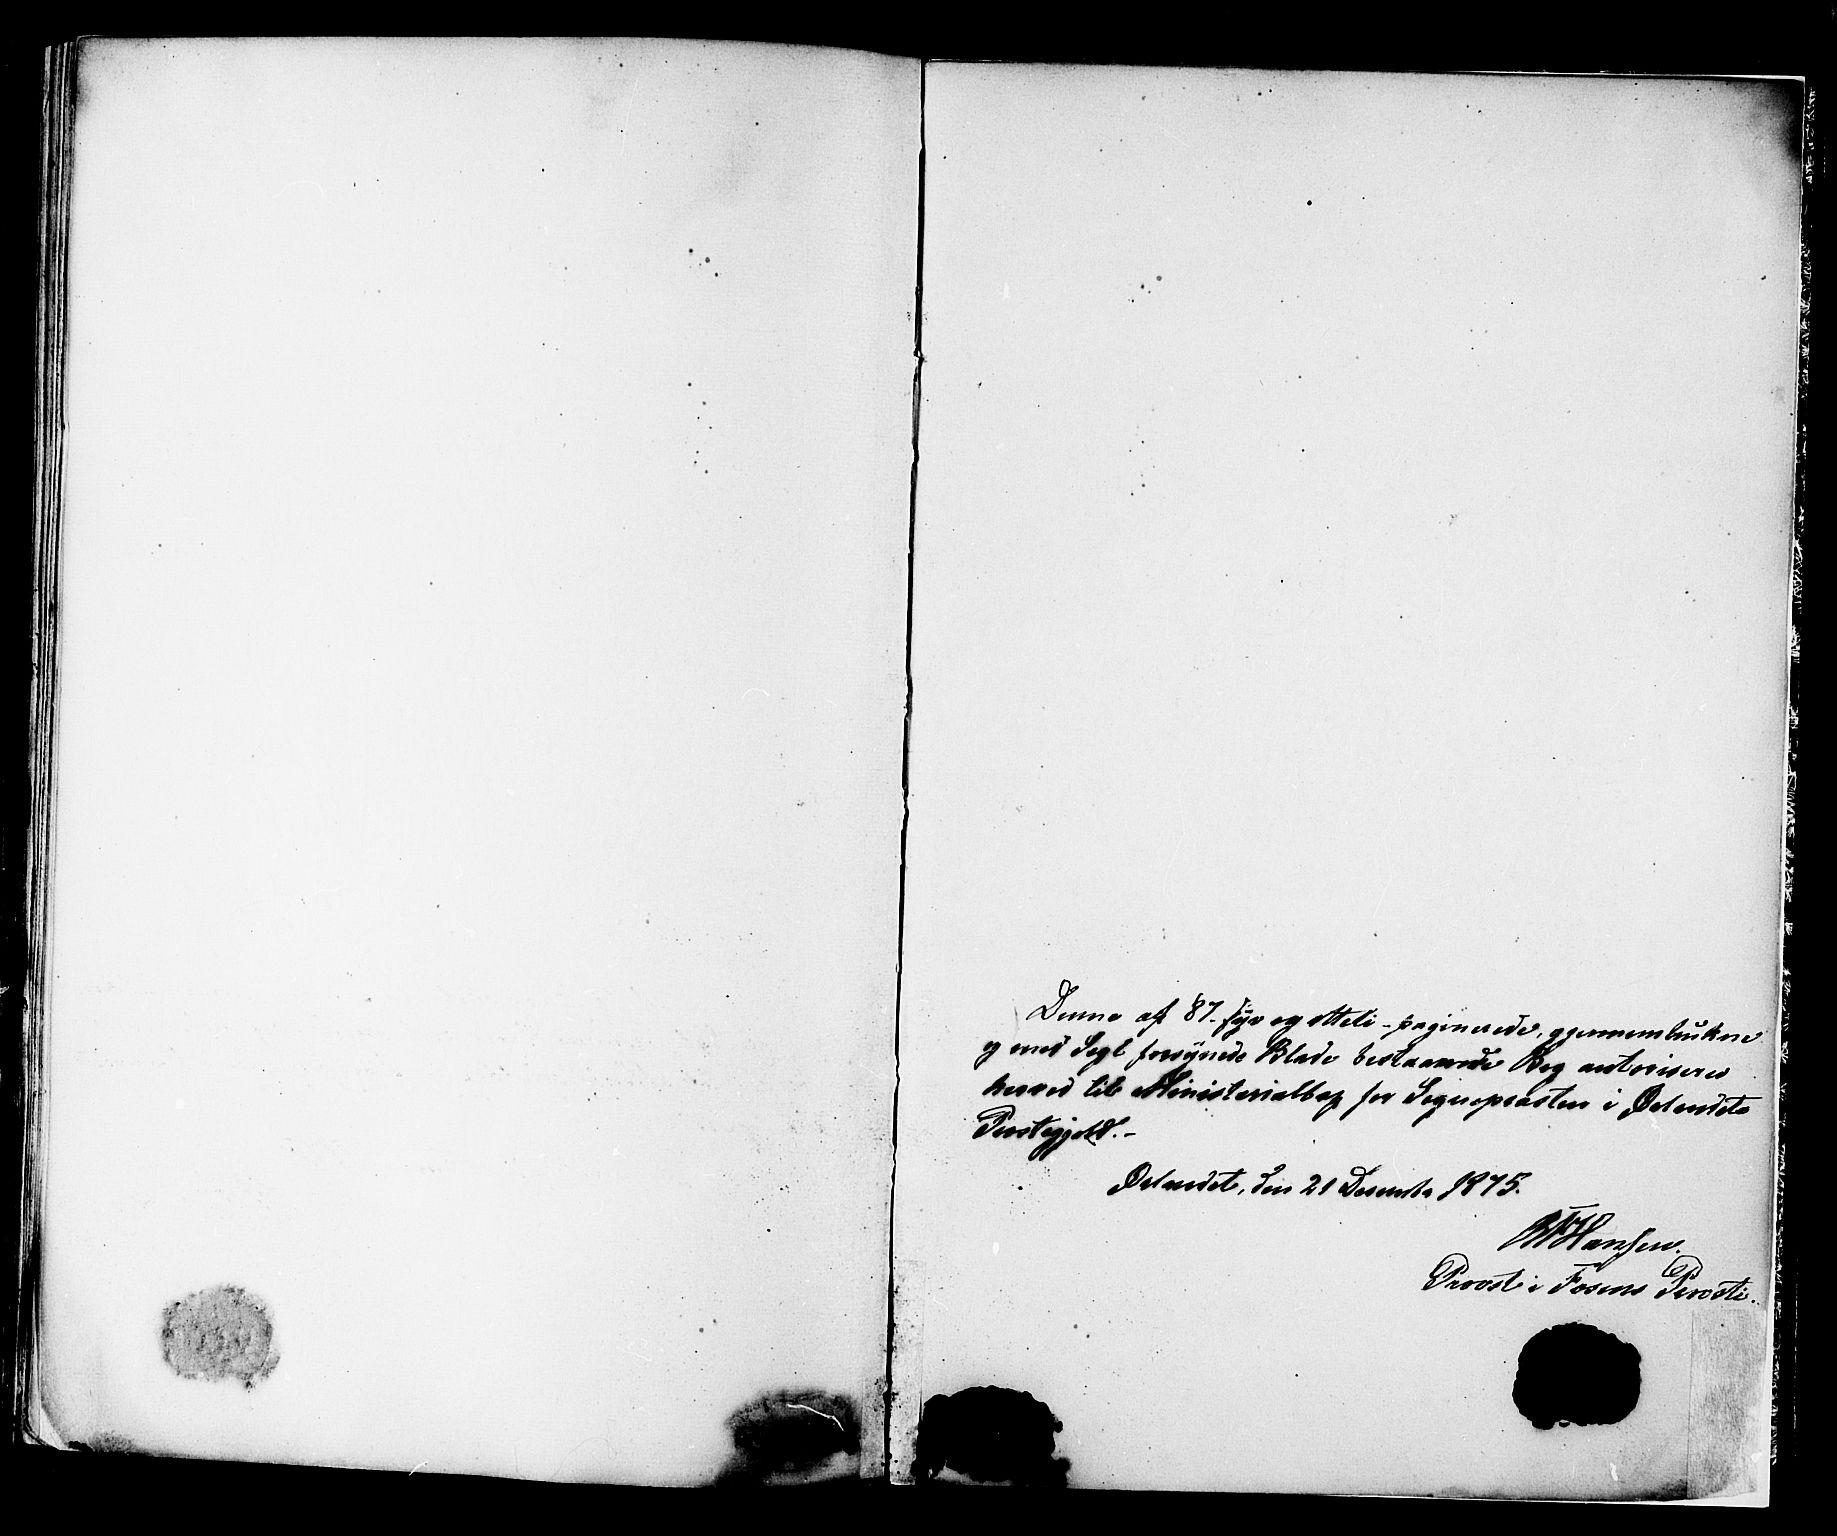 SAT, Ministerialprotokoller, klokkerbøker og fødselsregistre - Sør-Trøndelag, 659/L0738: Ministerialbok nr. 659A08, 1876-1878